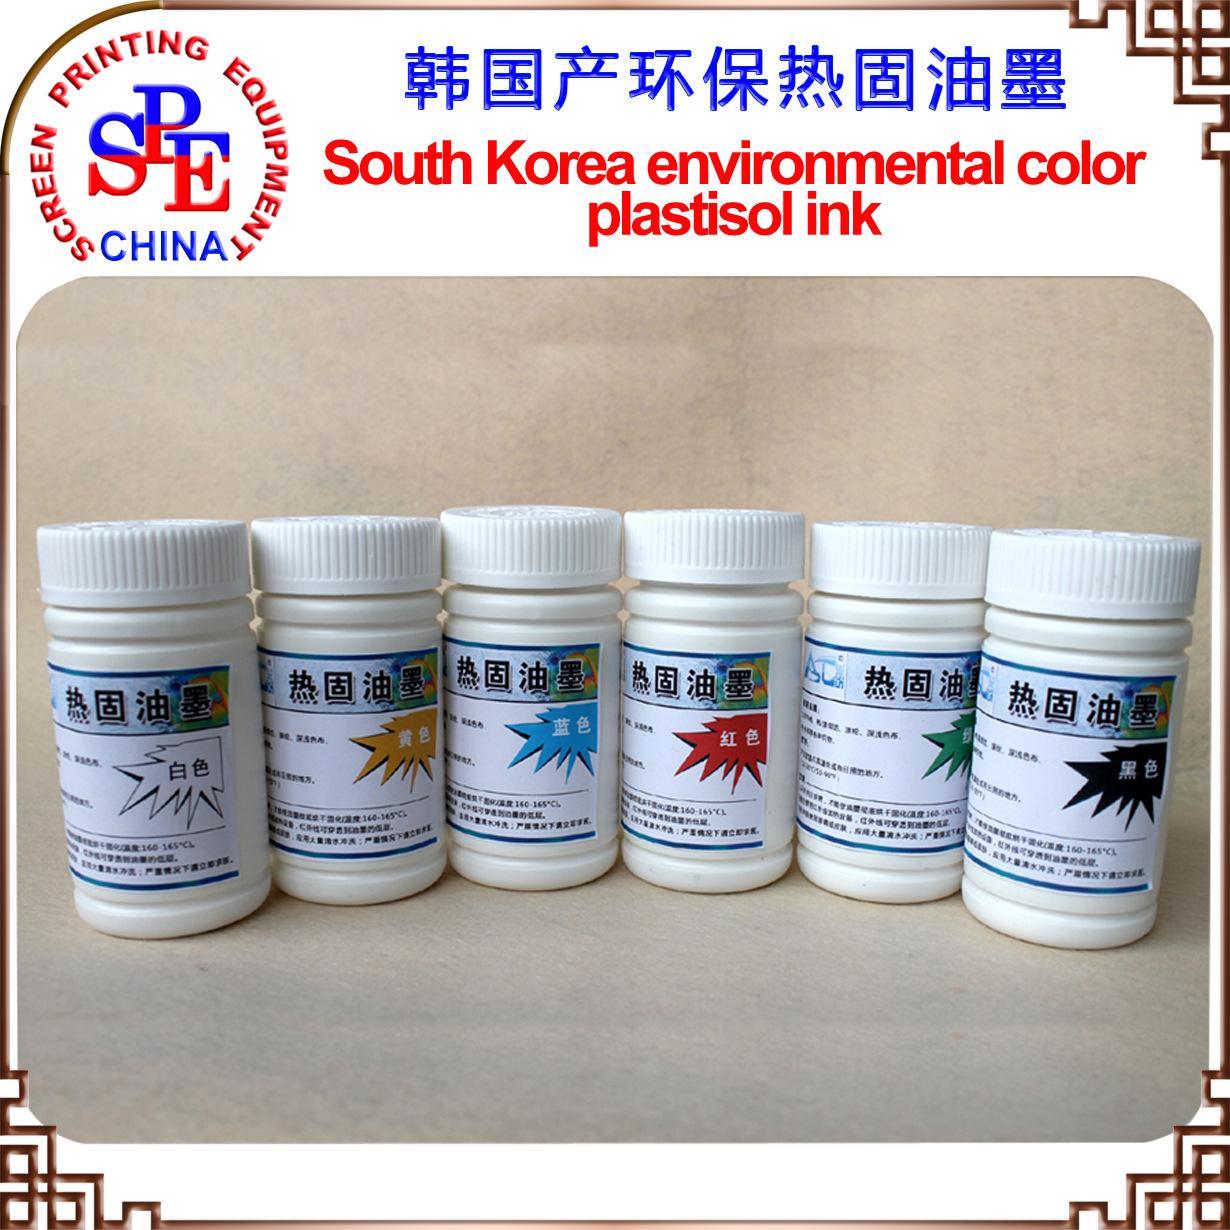 200克装韩国产环保热固油墨 SPE 热固油墨 丝网印刷